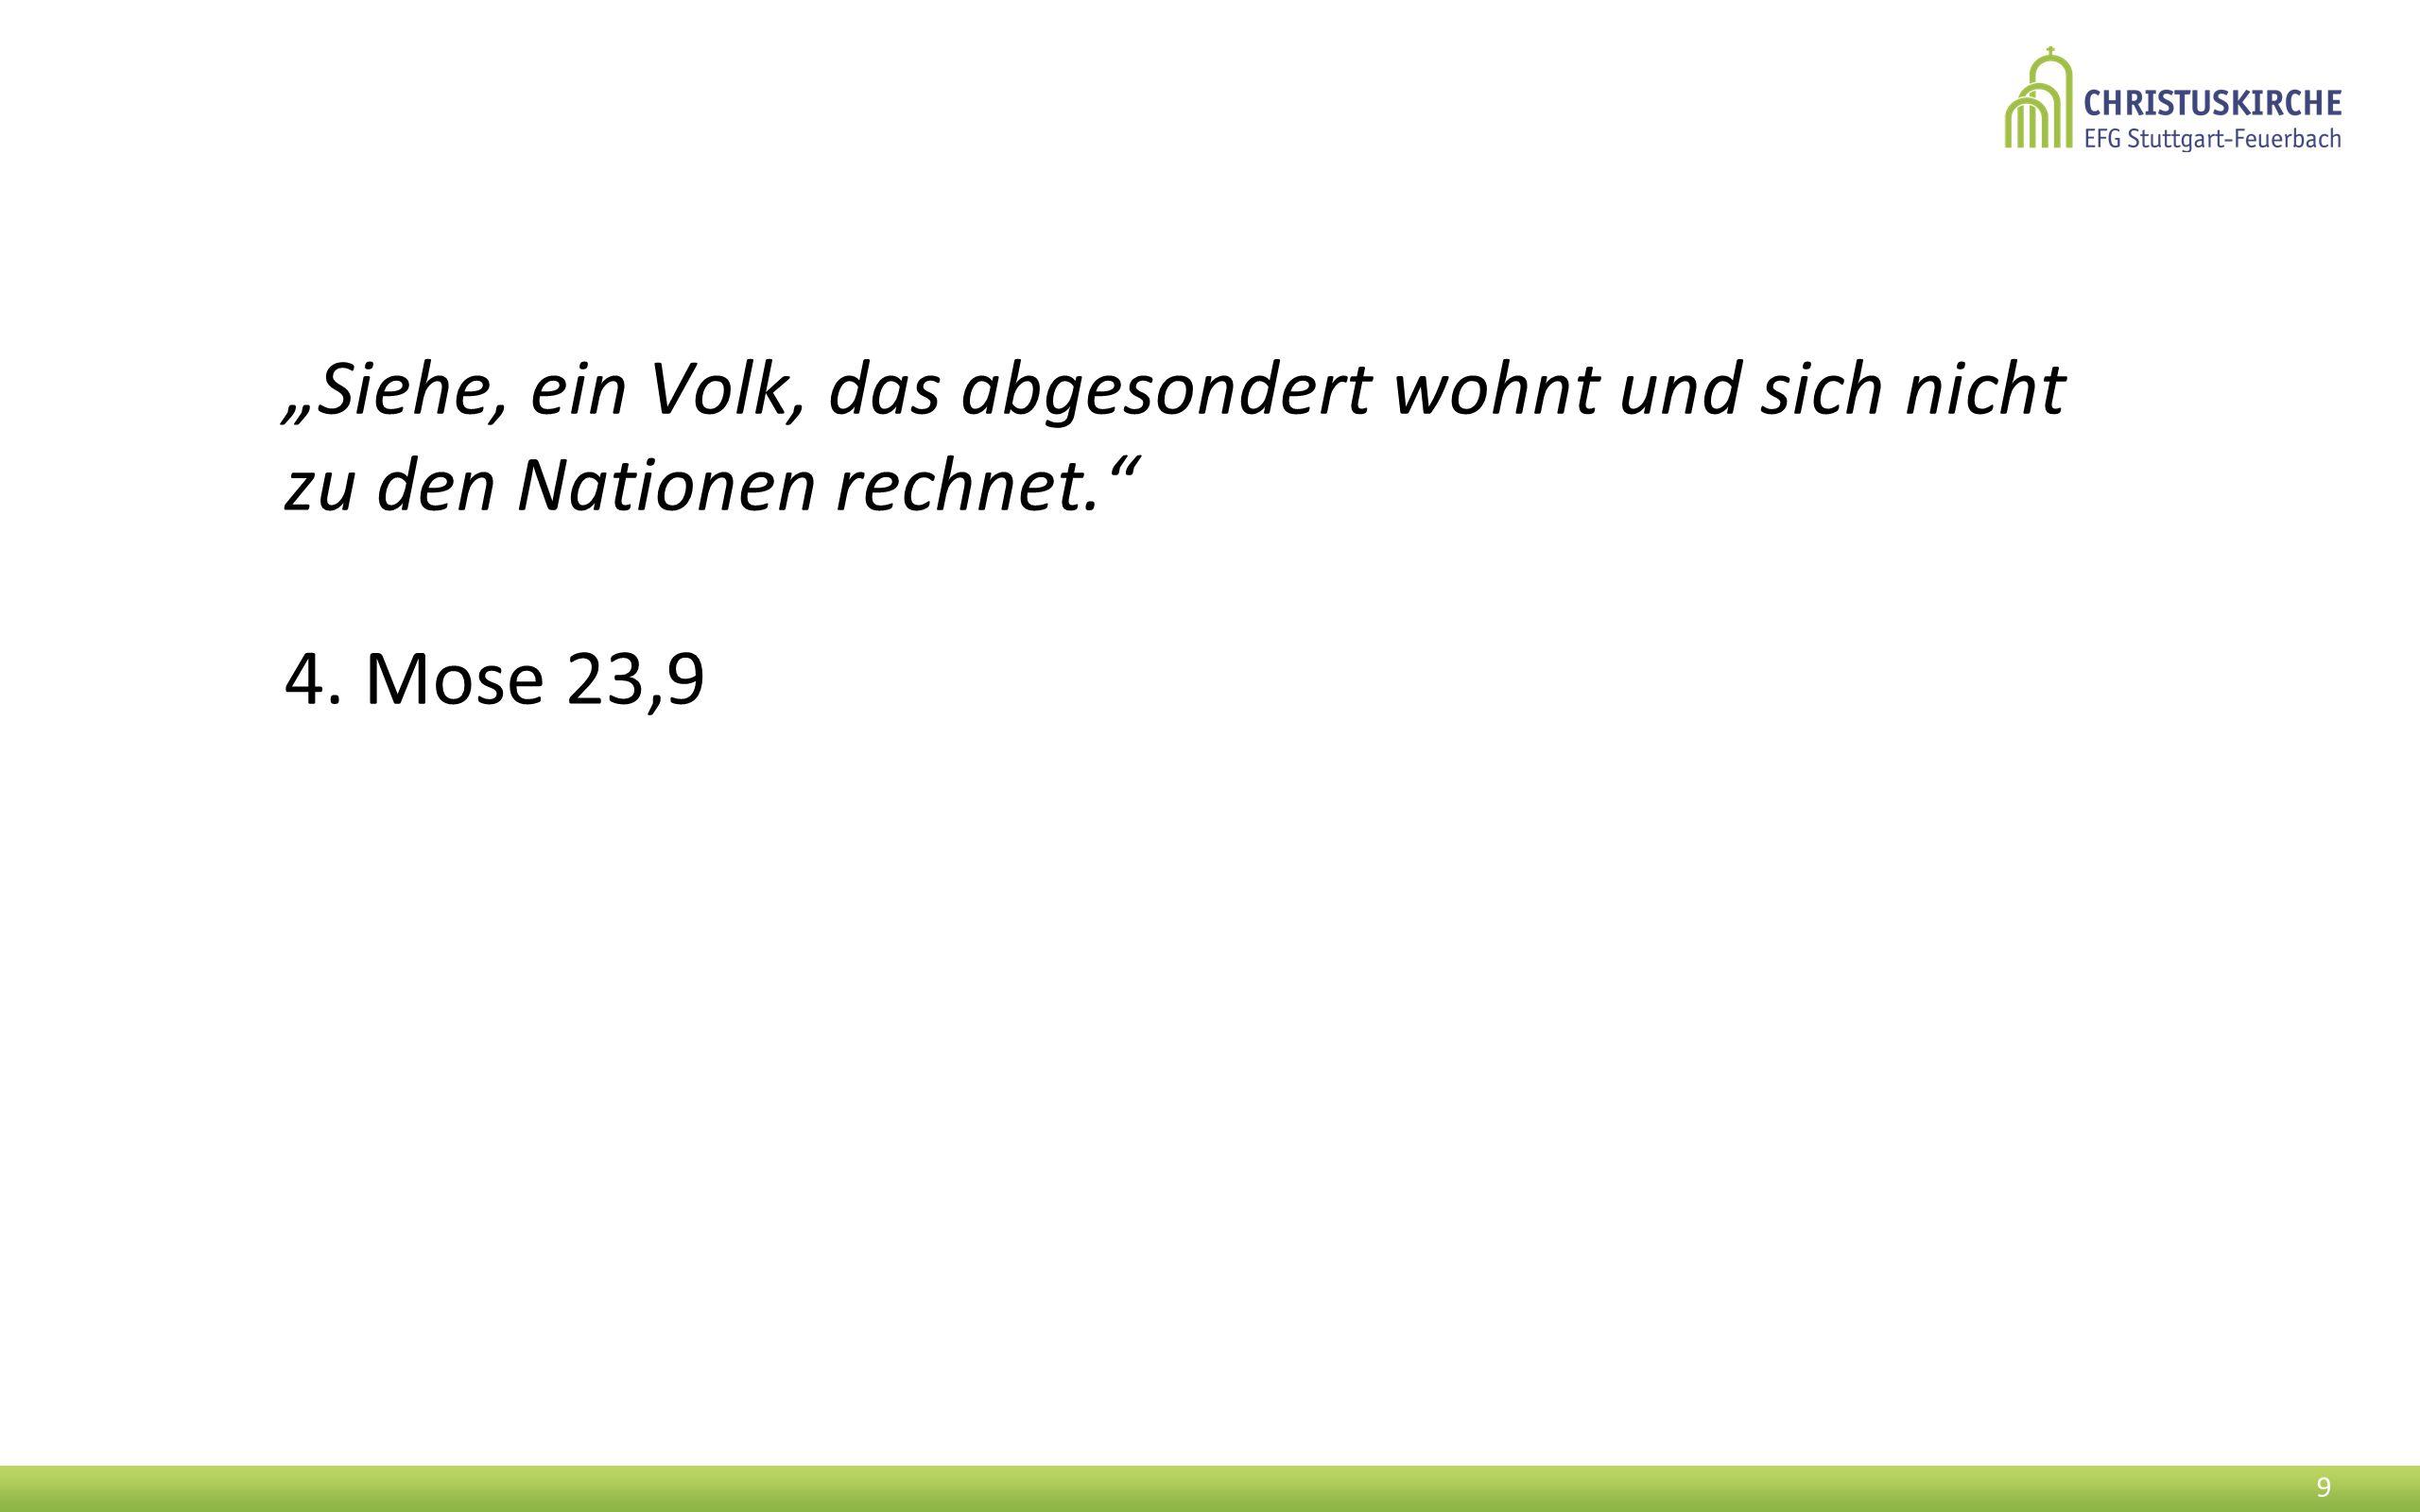 """""""Siehe, ein Volk, das abgesondert wohnt und sich nicht zu den Nationen rechnet. 4. Mose 23,9 9"""